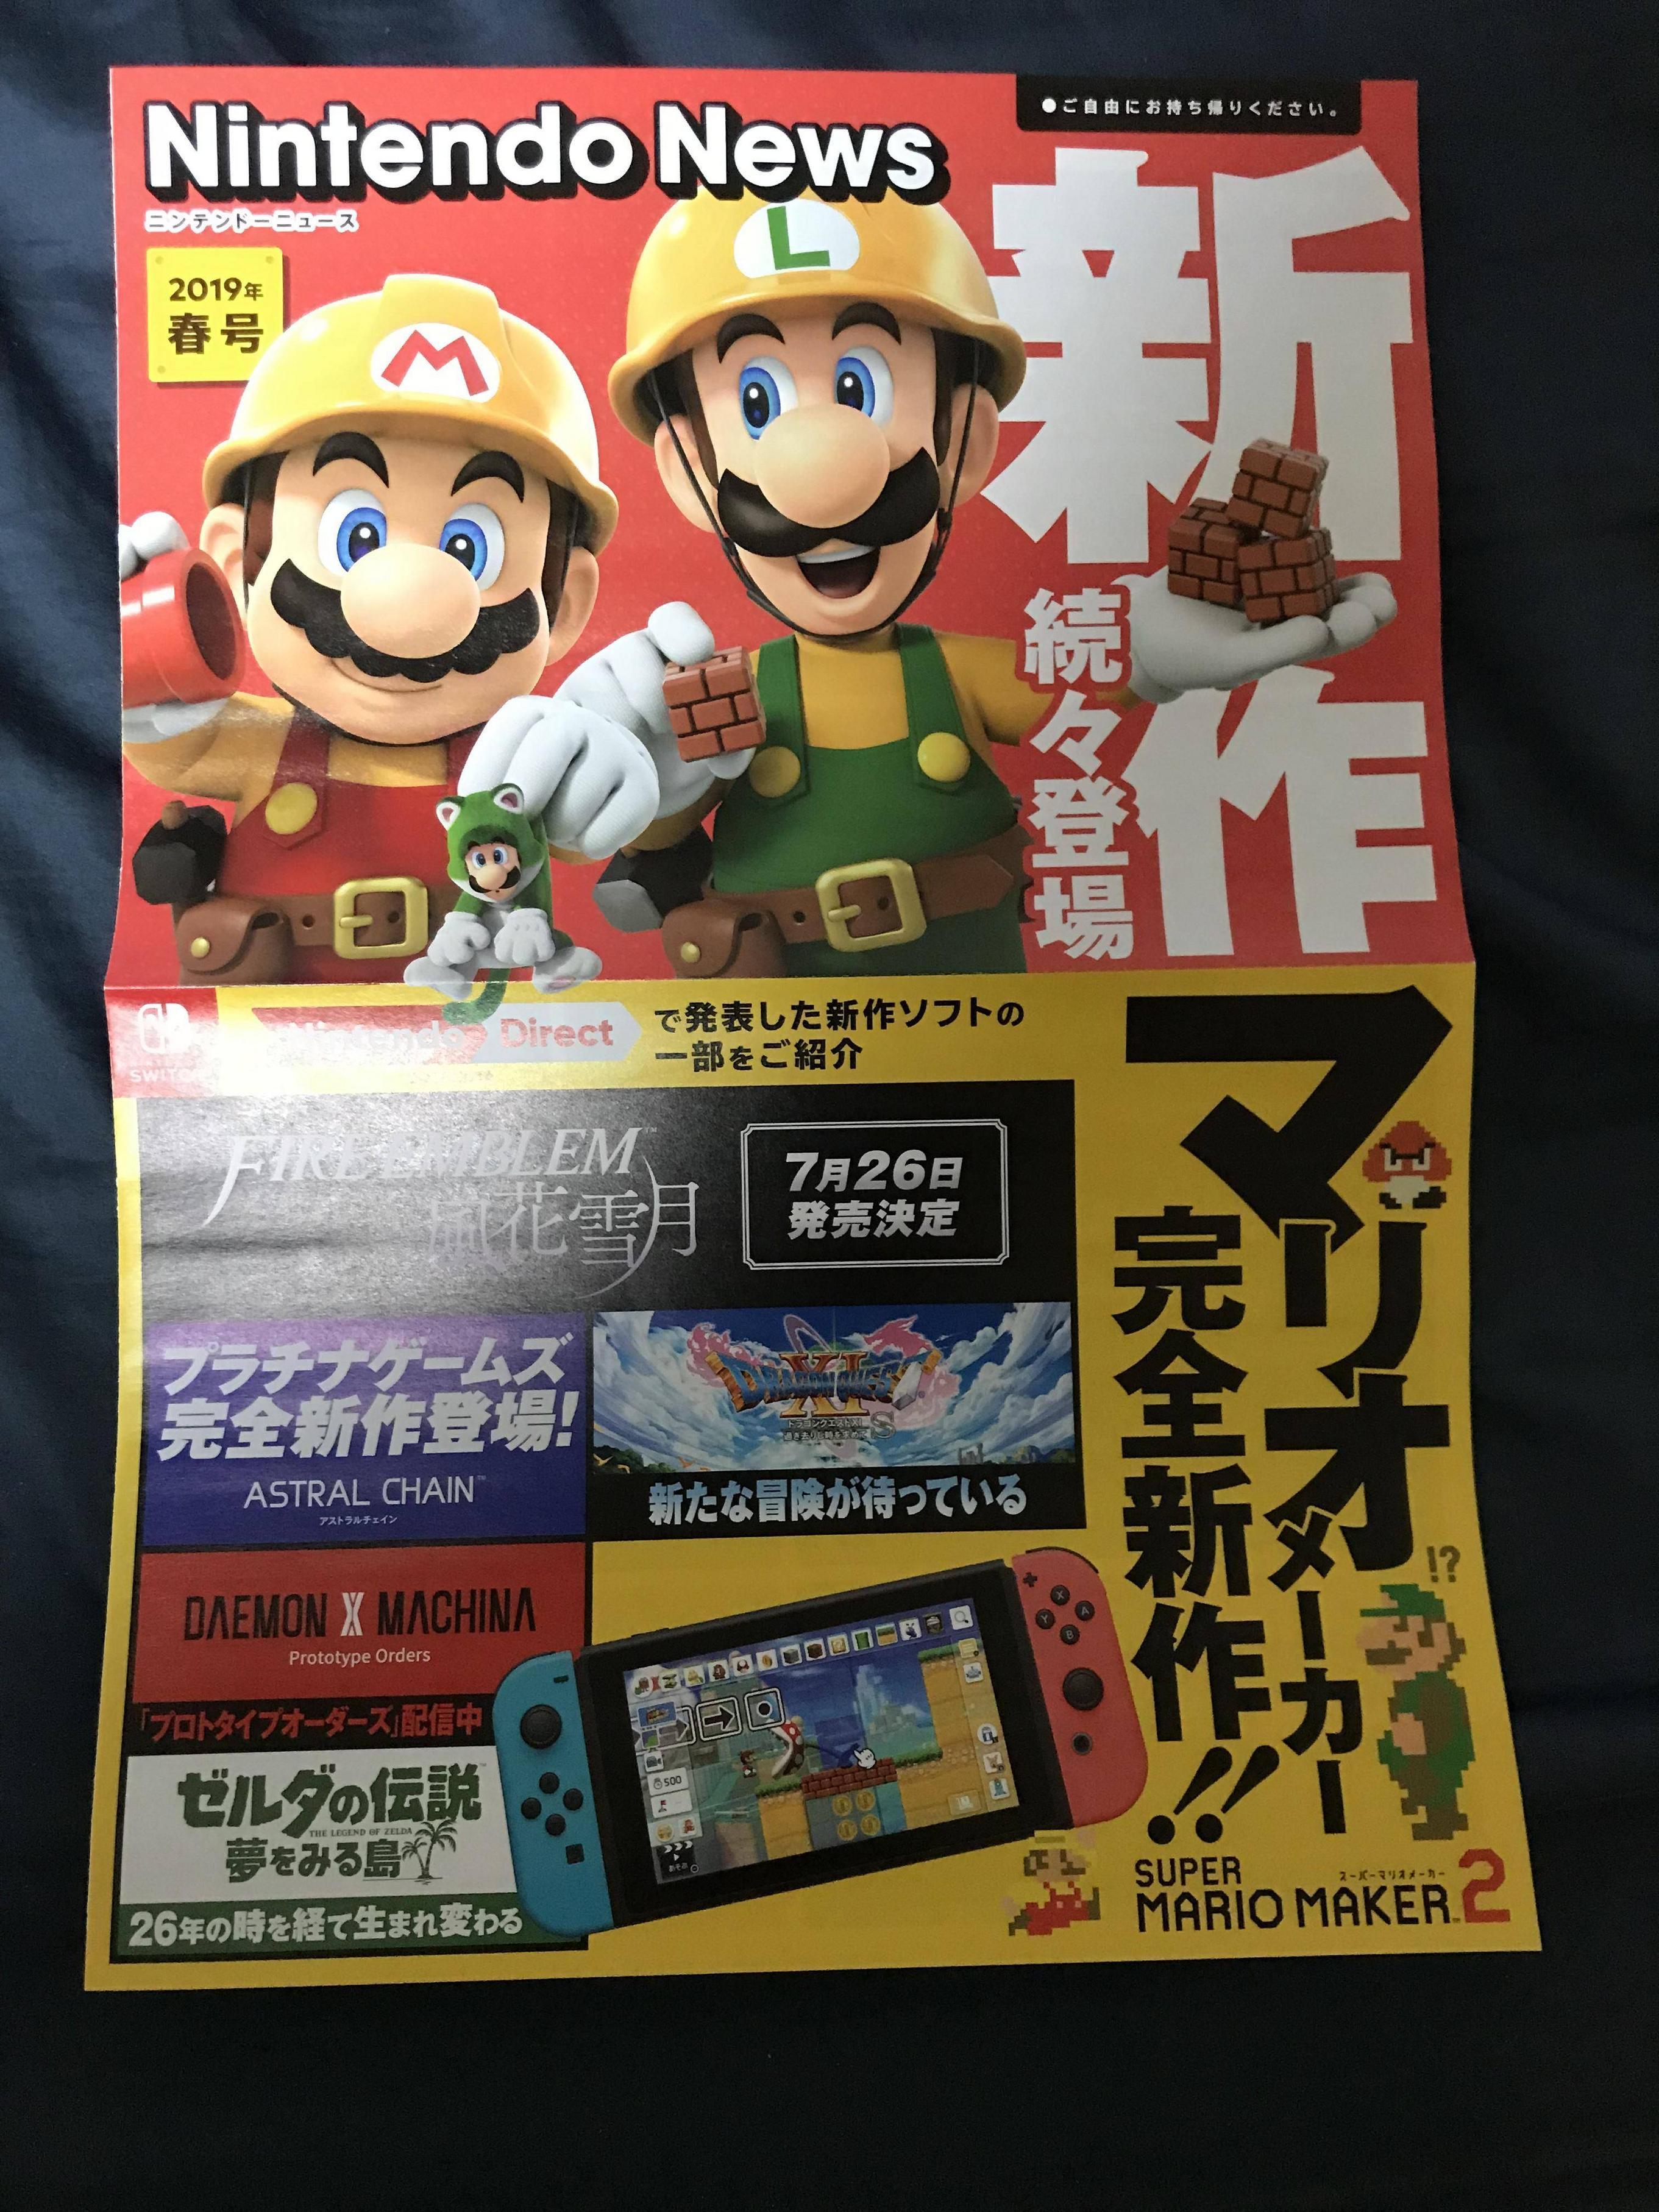 Japanese flyer for Super Mario Maker 2 showcases Super Luigi